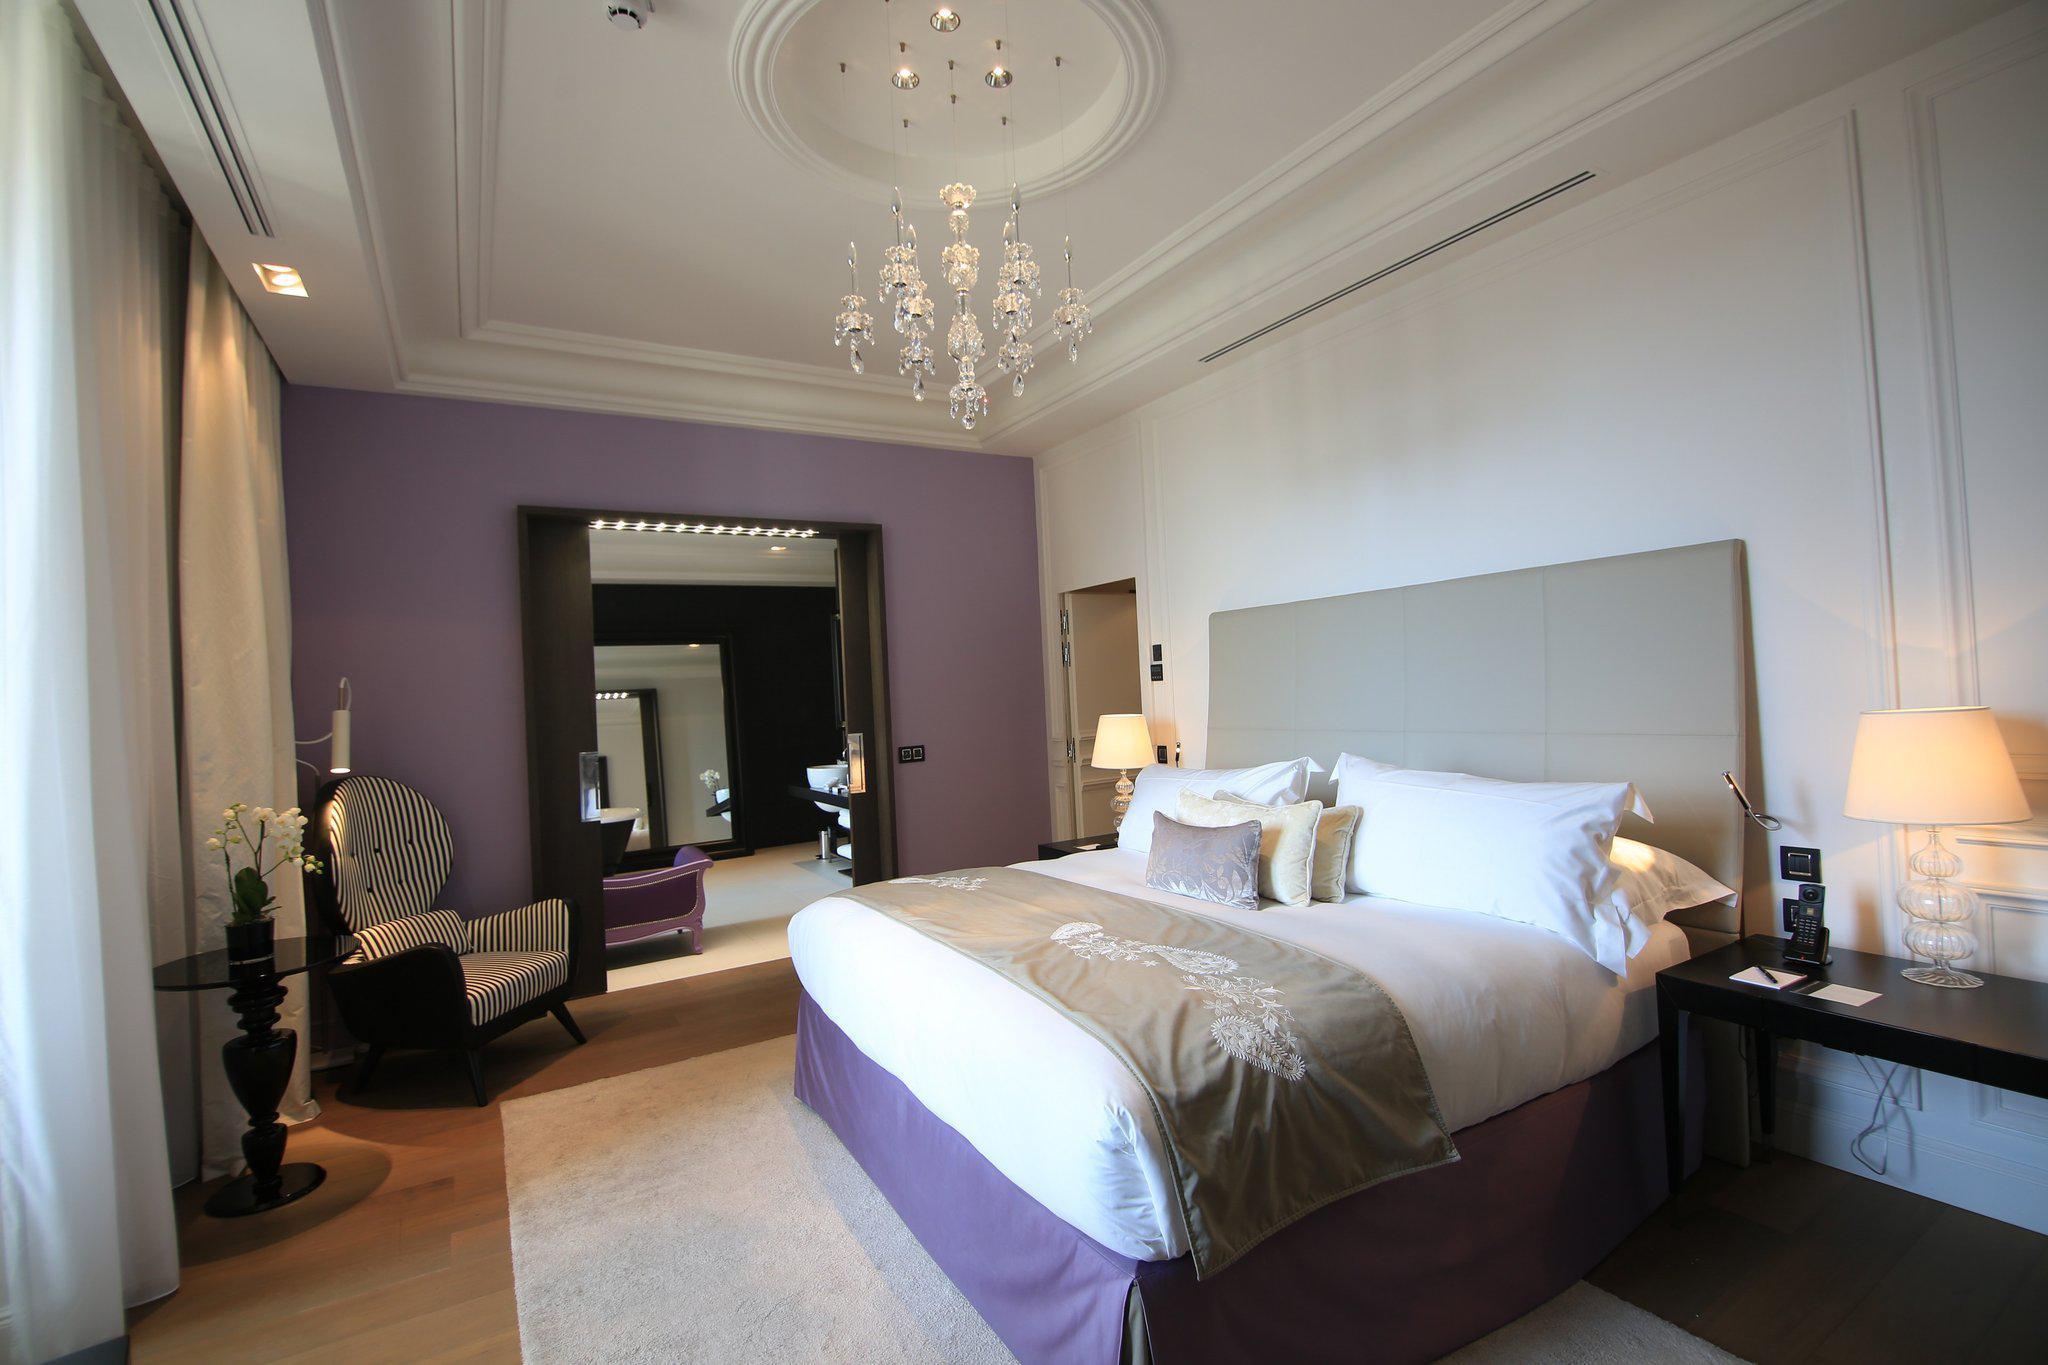 InterContinental Hotels Marseille - Hotel Dieu